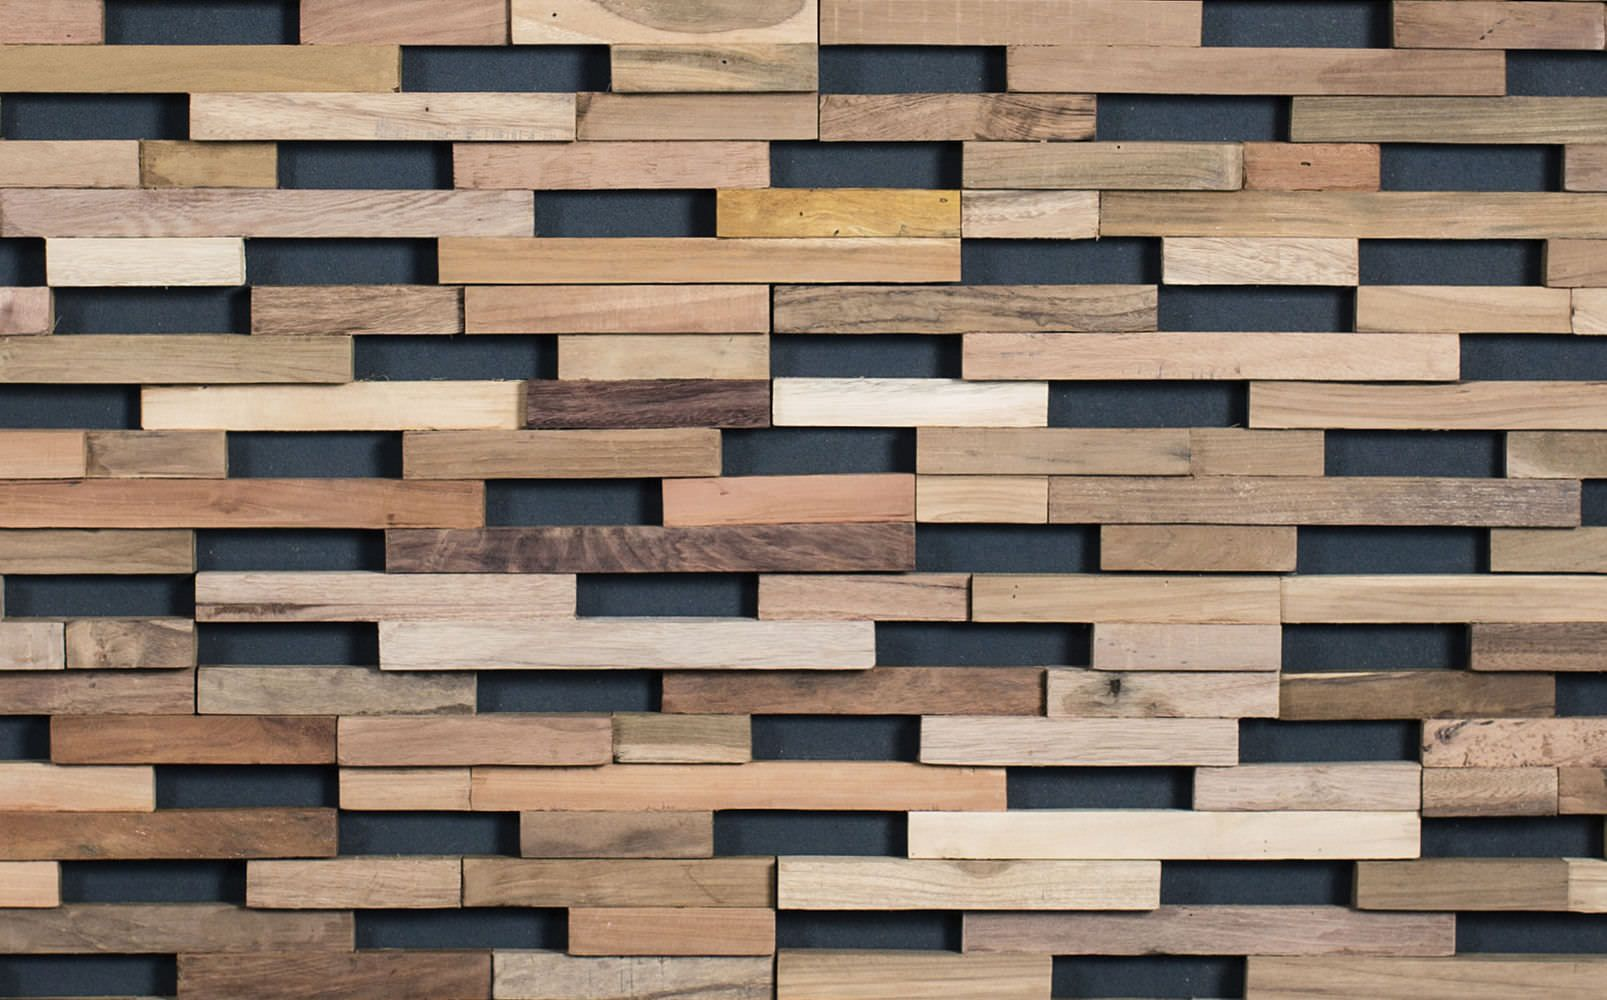 slat wall modern - Google Search | New Office Ideas ...